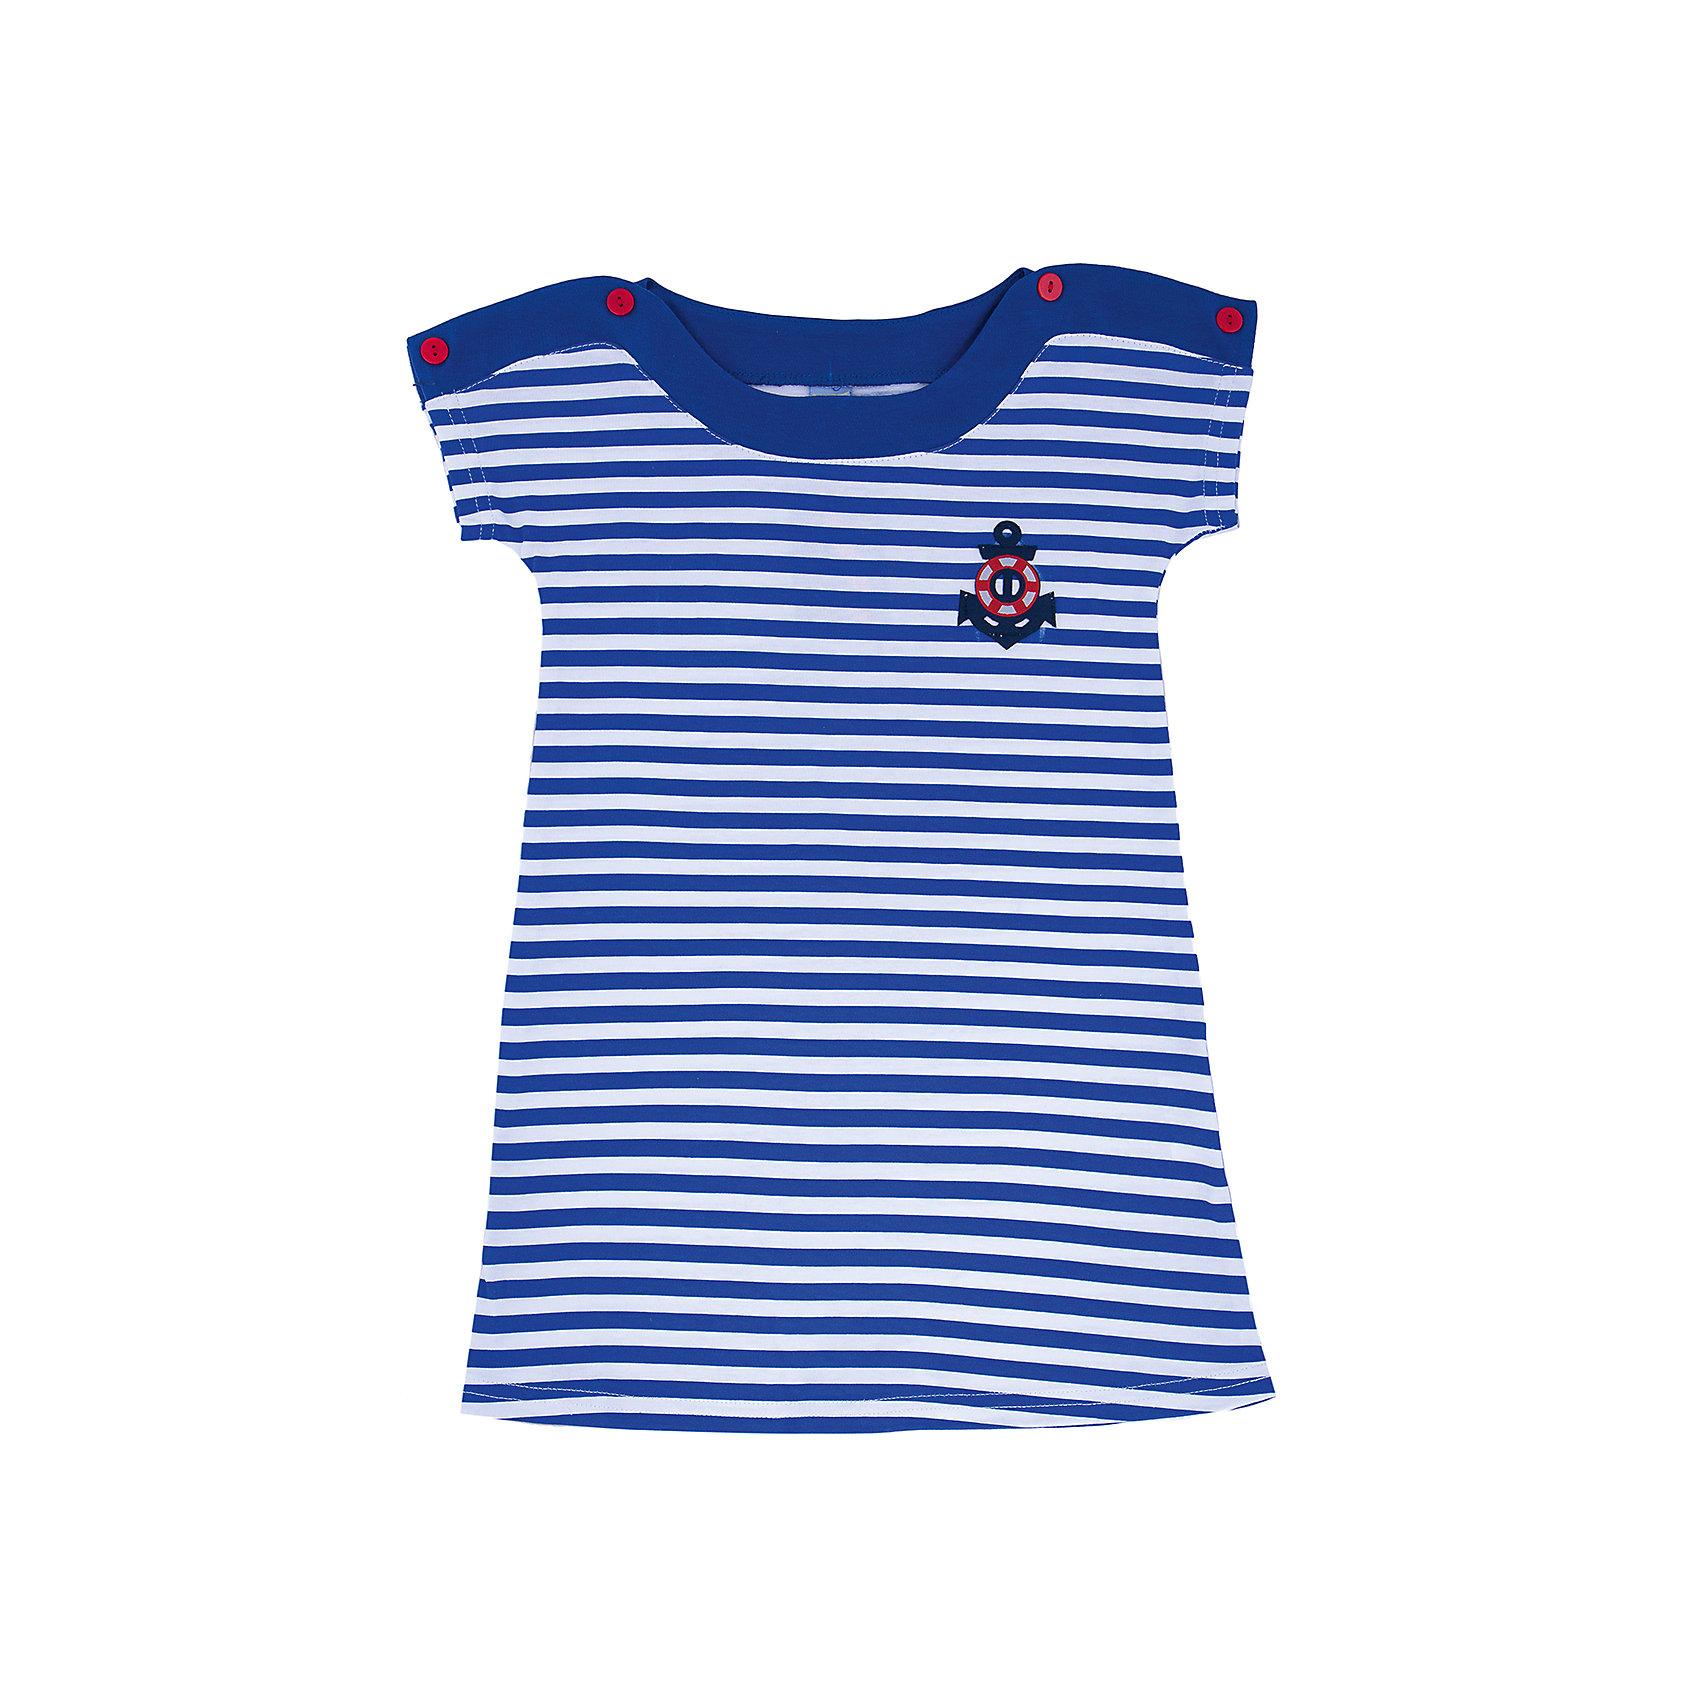 Платье для девочки DAUBERПлатье для девочки с коротким рукавом из высококачественного хлопка, в сине-белую полоску.  Состав:100% хлопок<br><br>Ширина мм: 236<br>Глубина мм: 16<br>Высота мм: 184<br>Вес г: 177<br>Цвет: разноцветный<br>Возраст от месяцев: 36<br>Возраст до месяцев: 48<br>Пол: Женский<br>Возраст: Детский<br>Размер: 104,116,98,110<br>SKU: 4631017